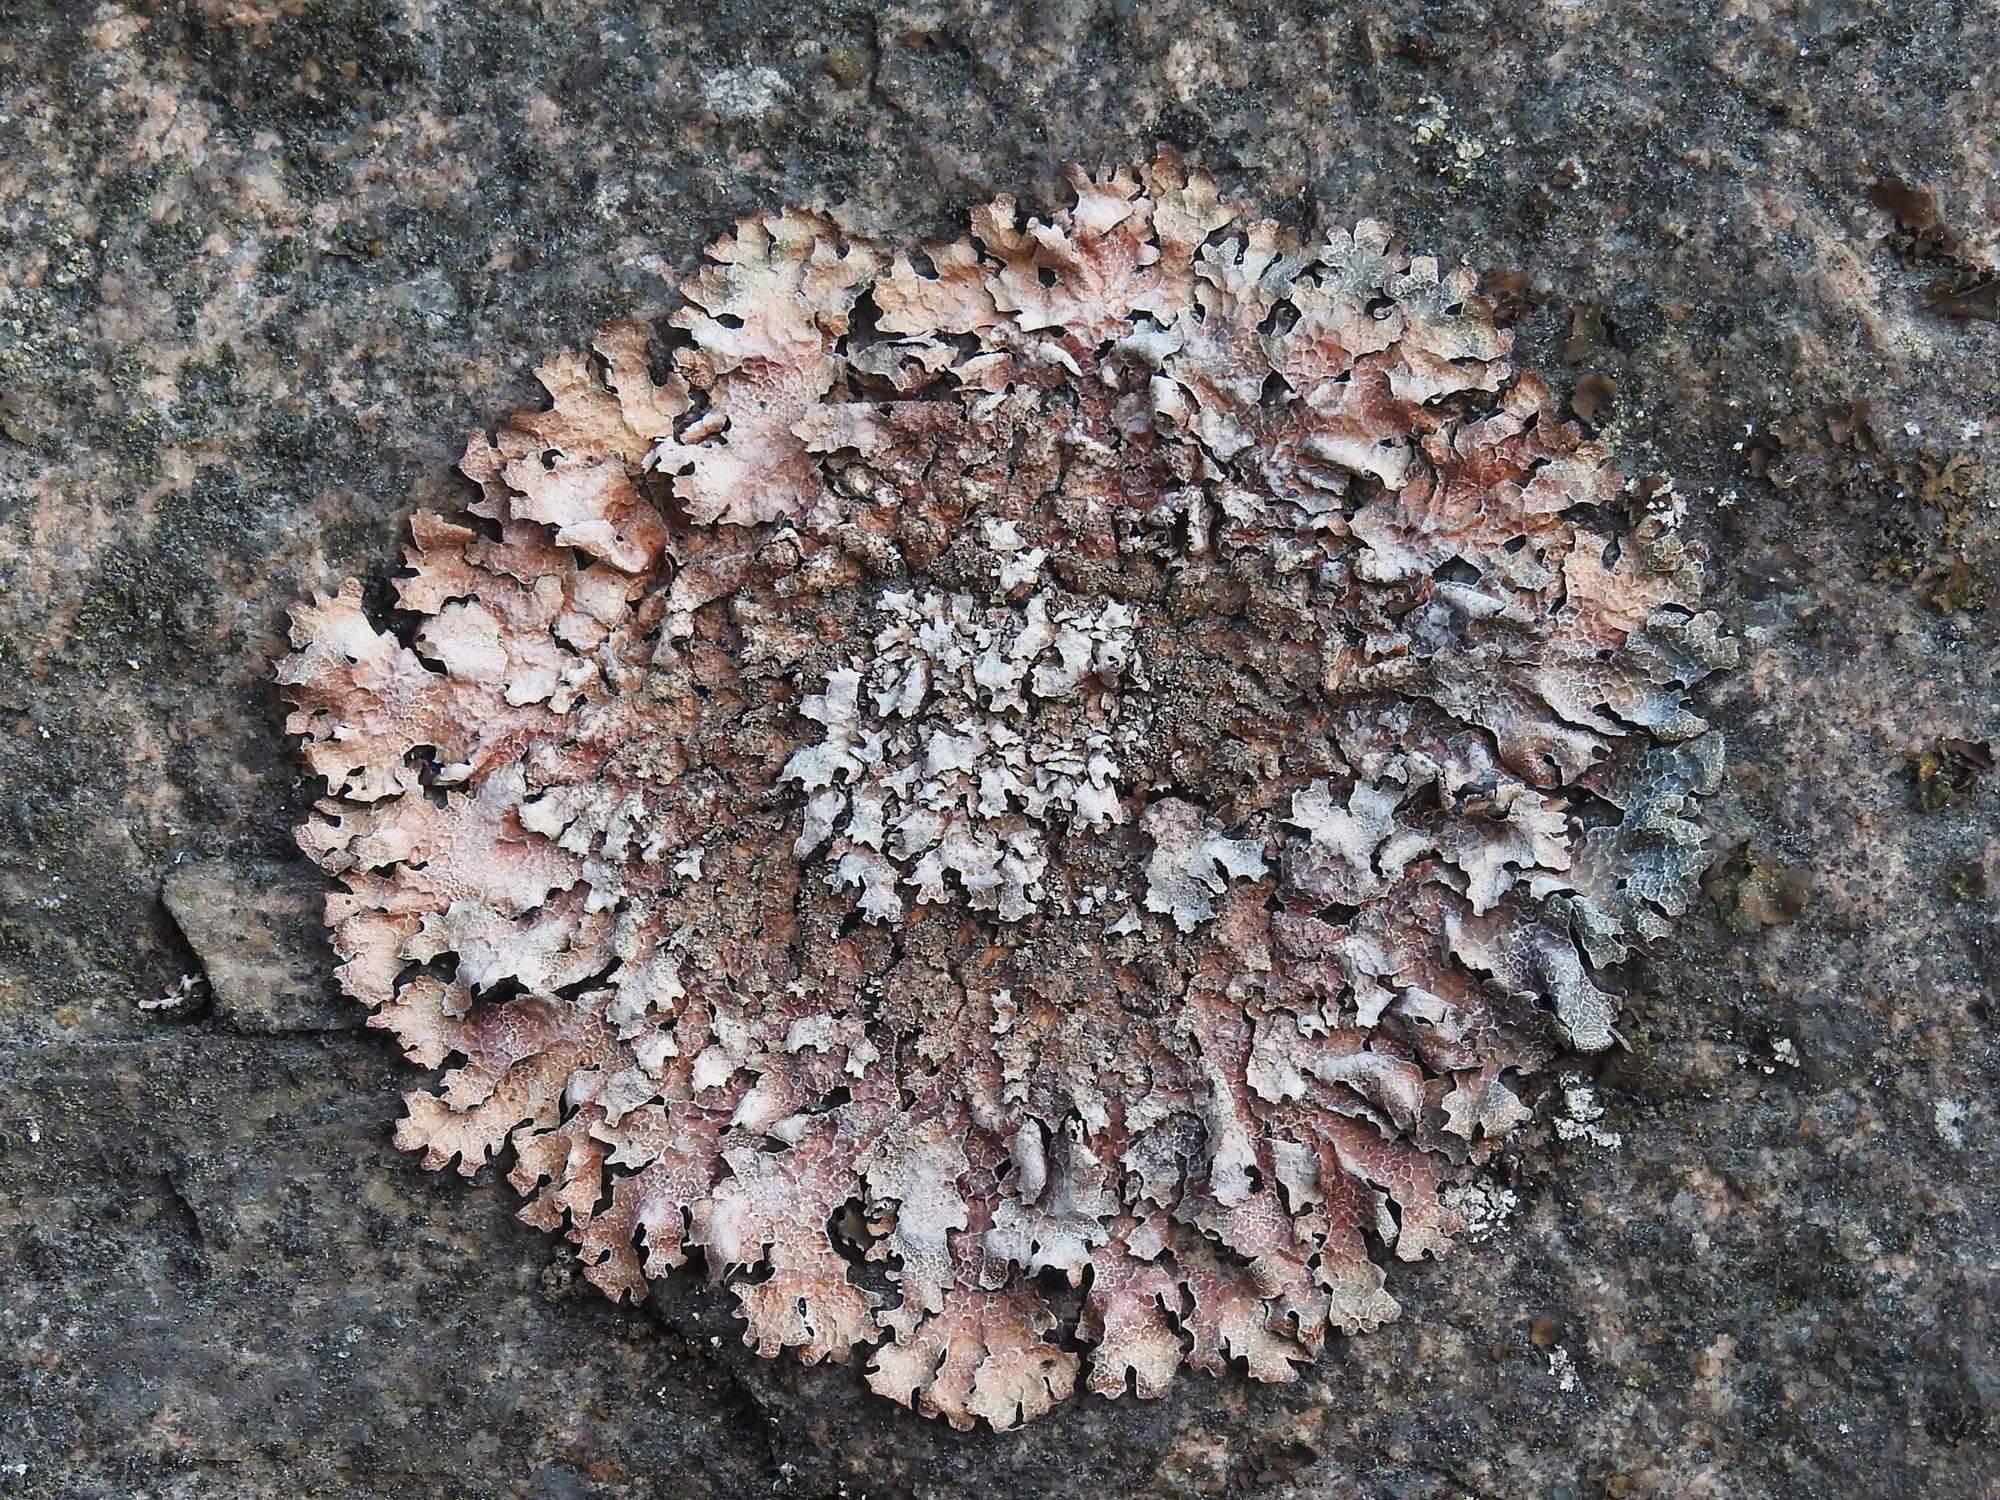 Image of shield lichen